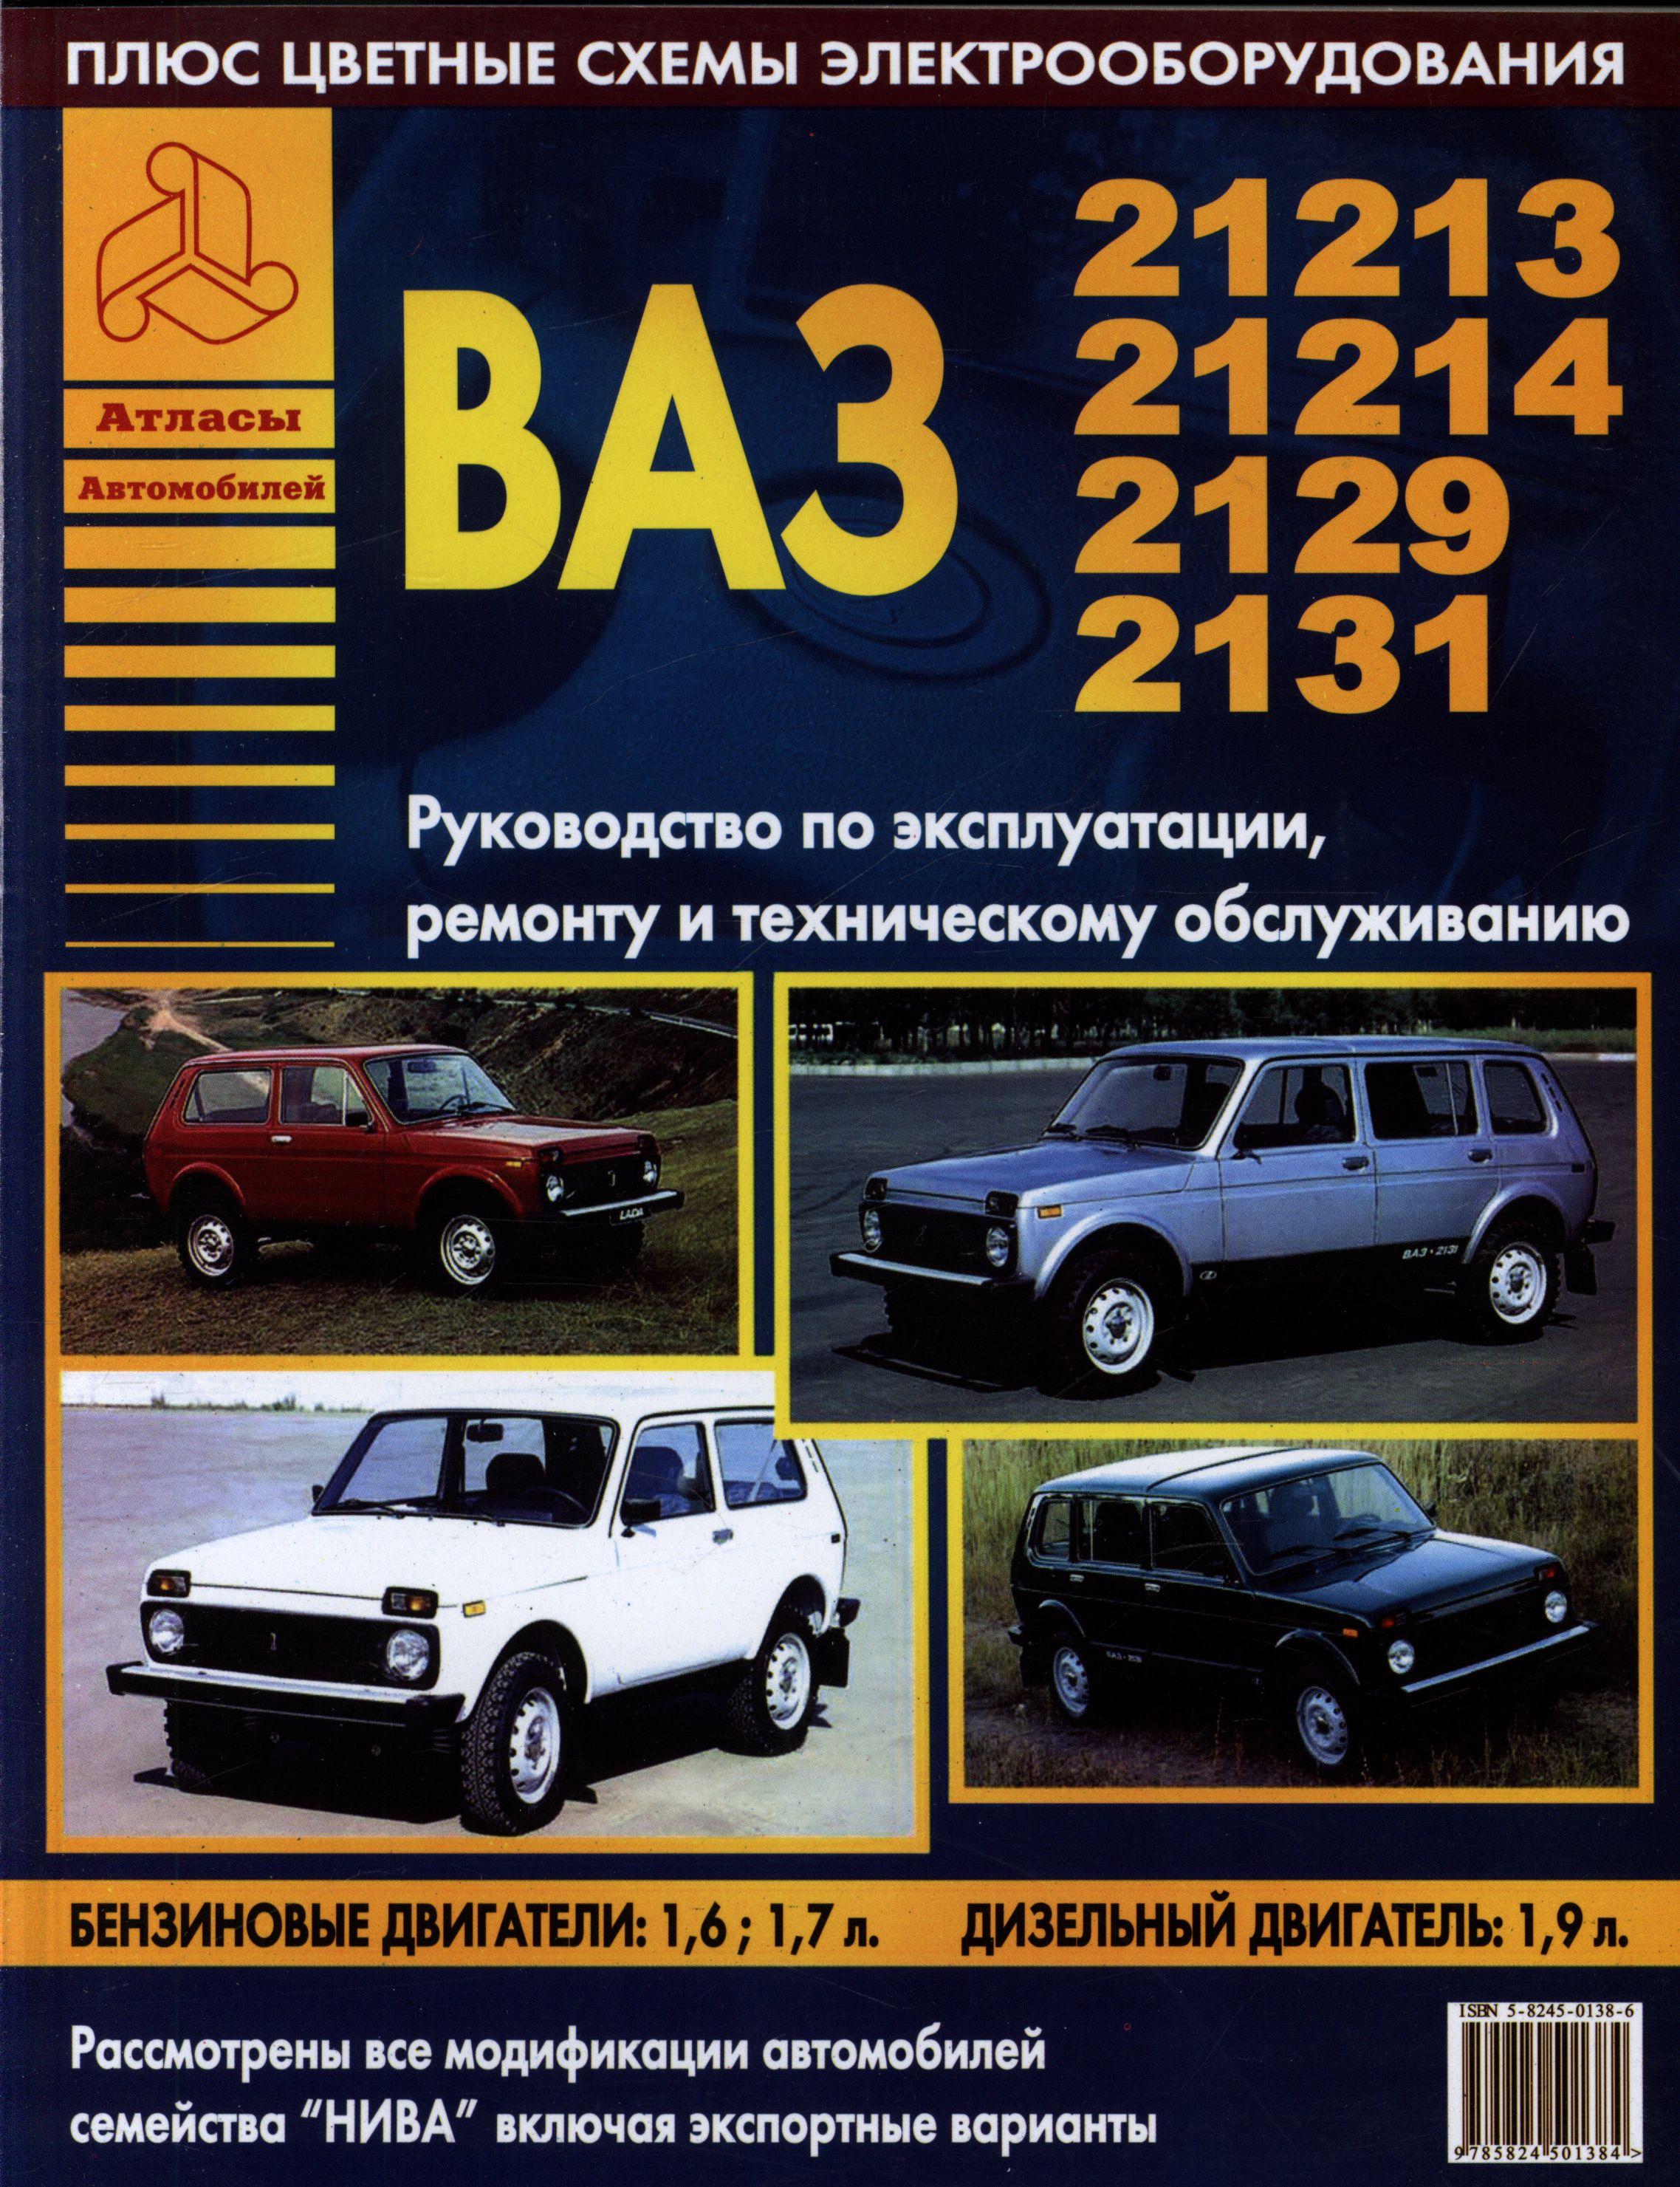 инструкция по ремонту автомобиля dodge 2 5 дизель